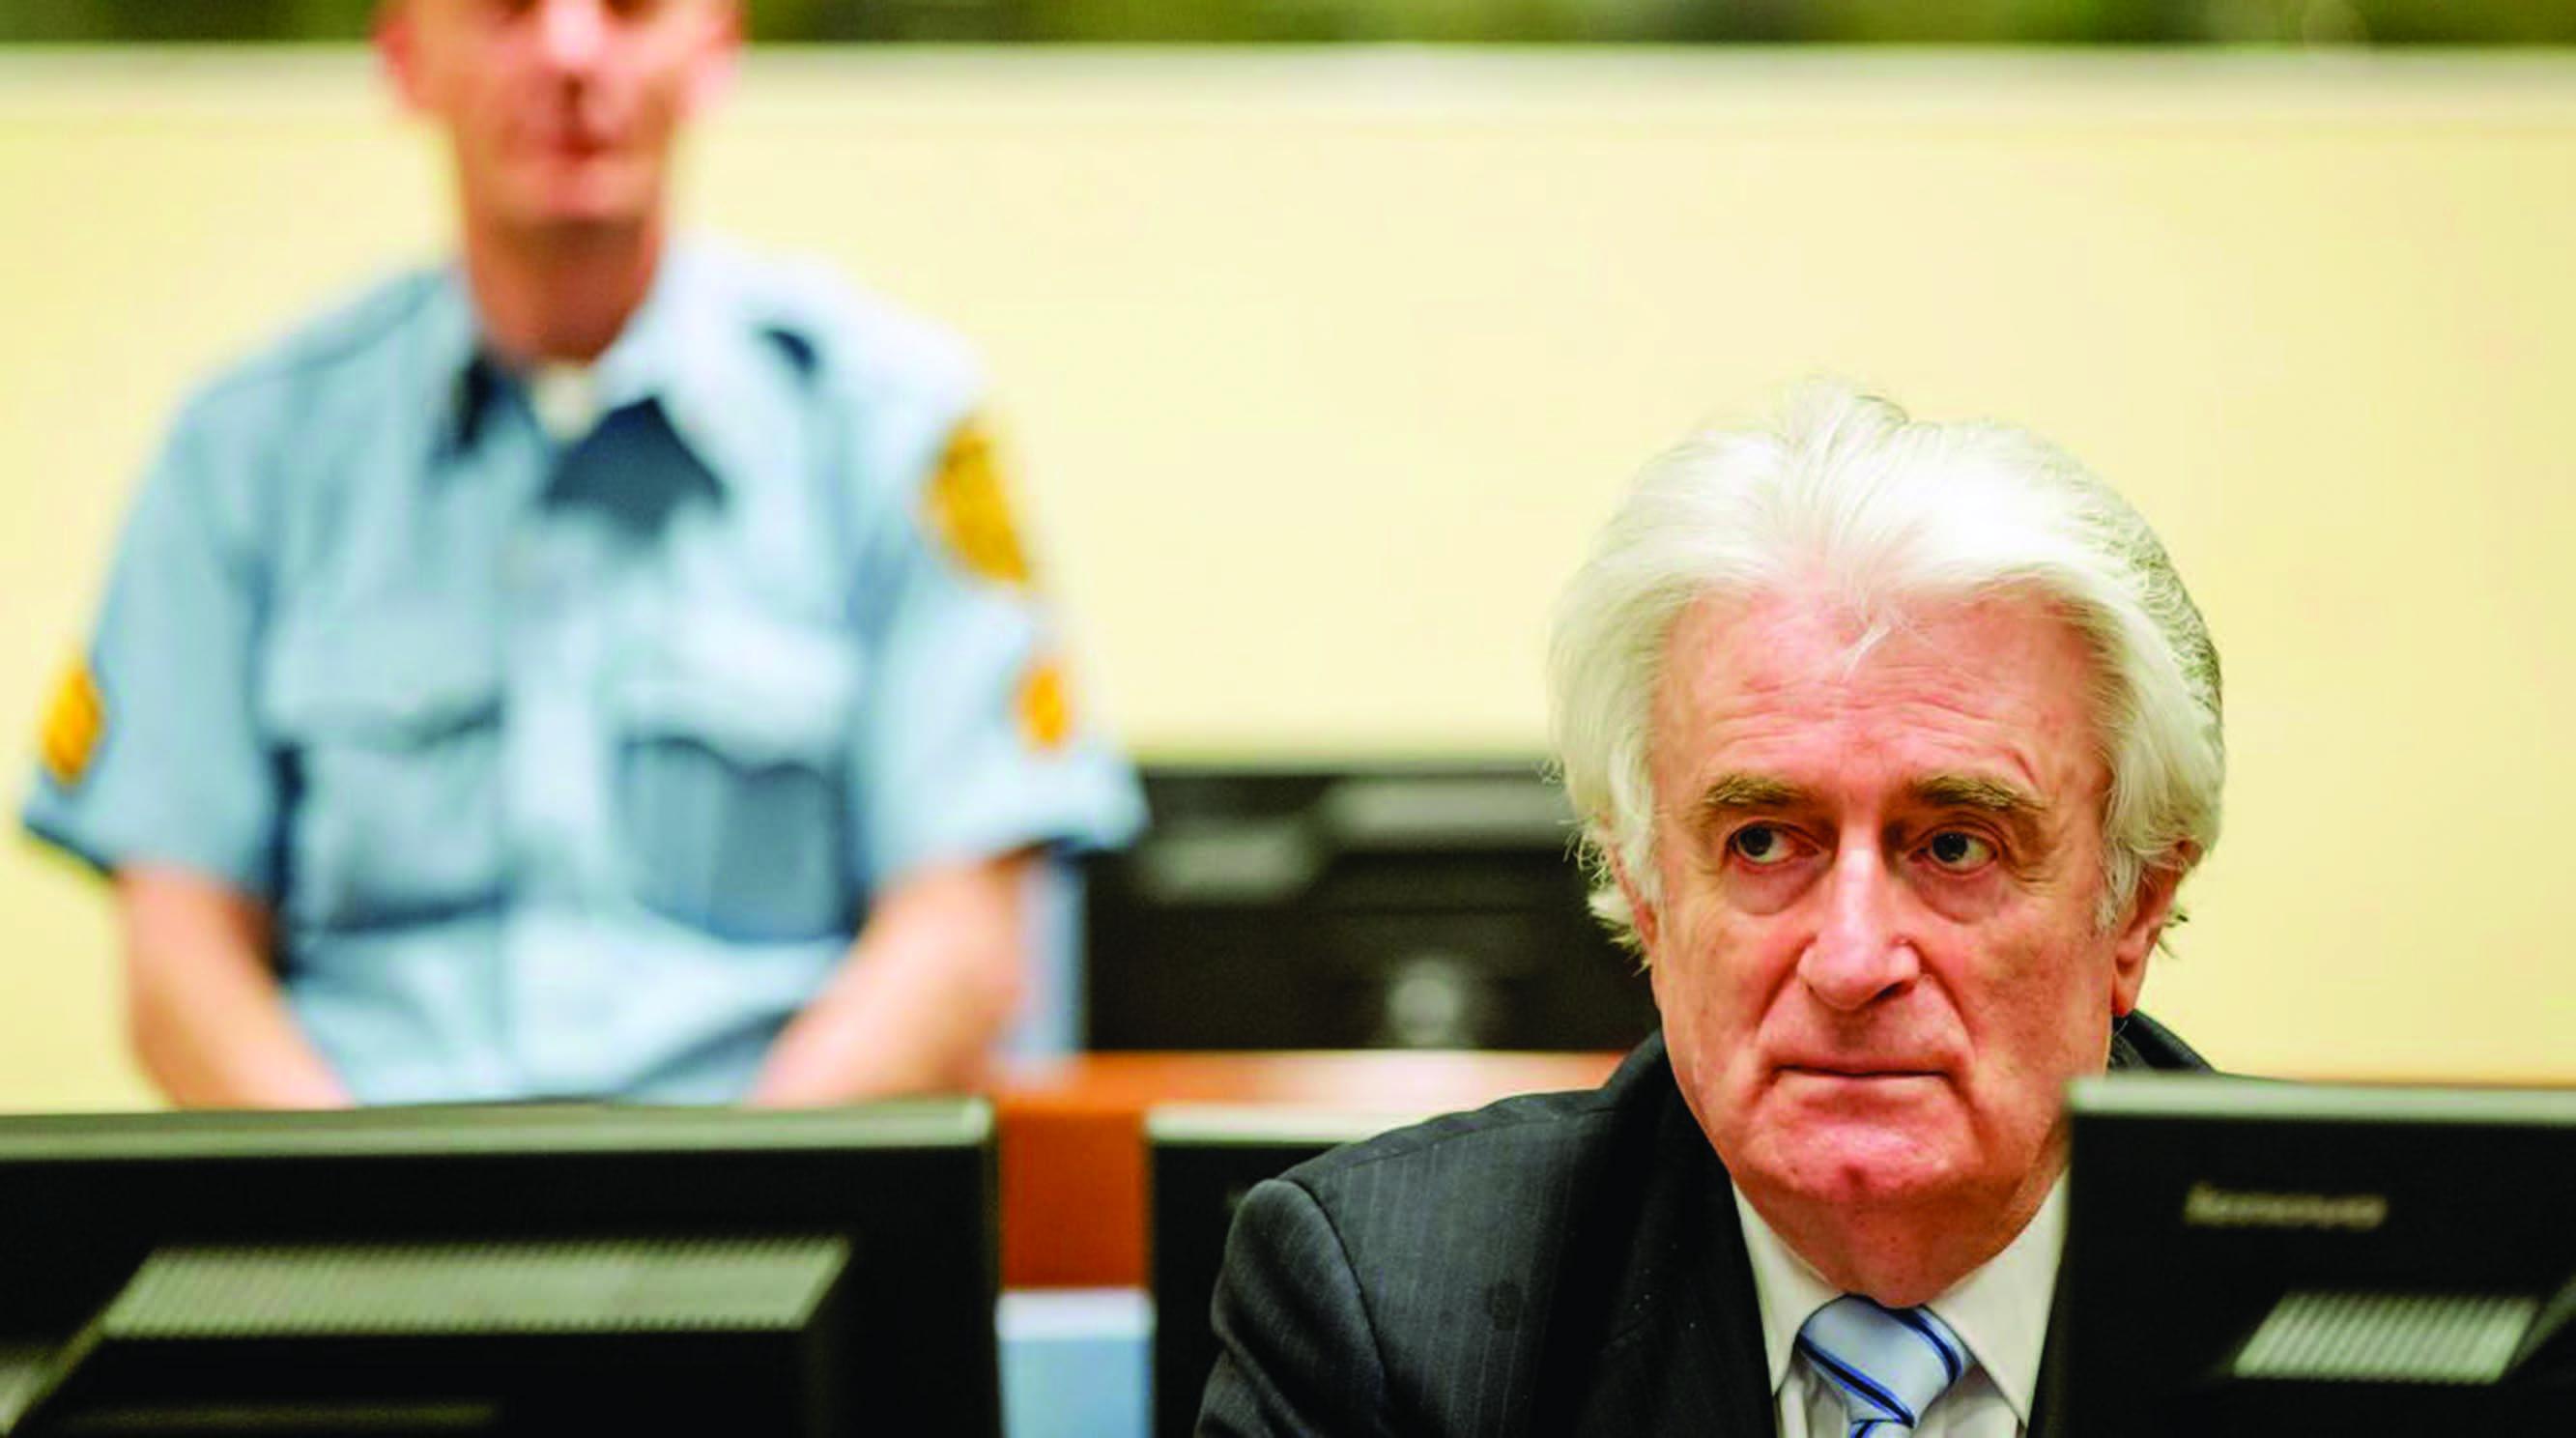 KONAČNA PRESUDA RATNOM VOĐI BOSANSKIH SRBA: Karadžiću doživotni zatvor